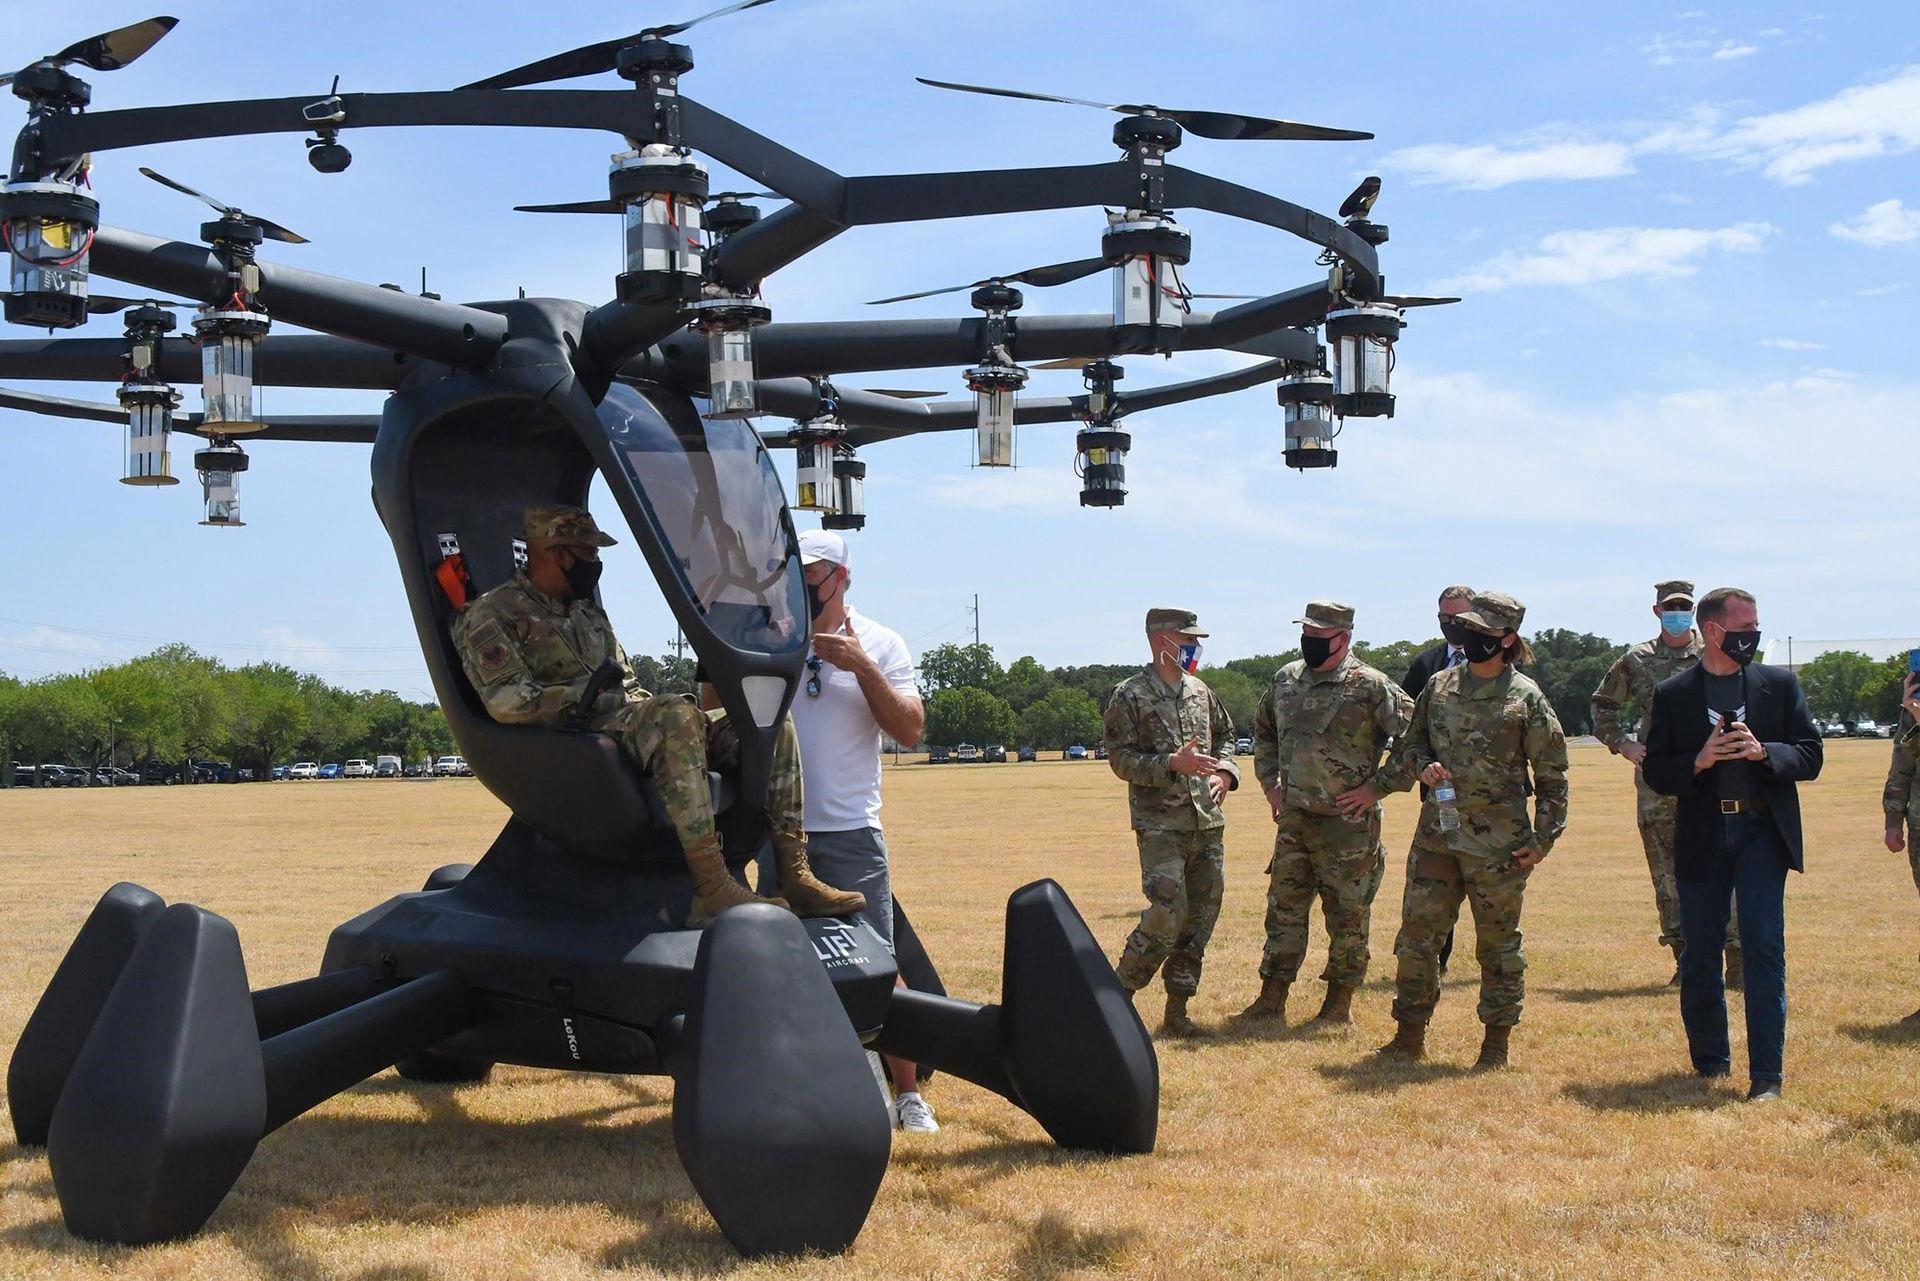 Amerikanska flygvapnet testar flygande bil